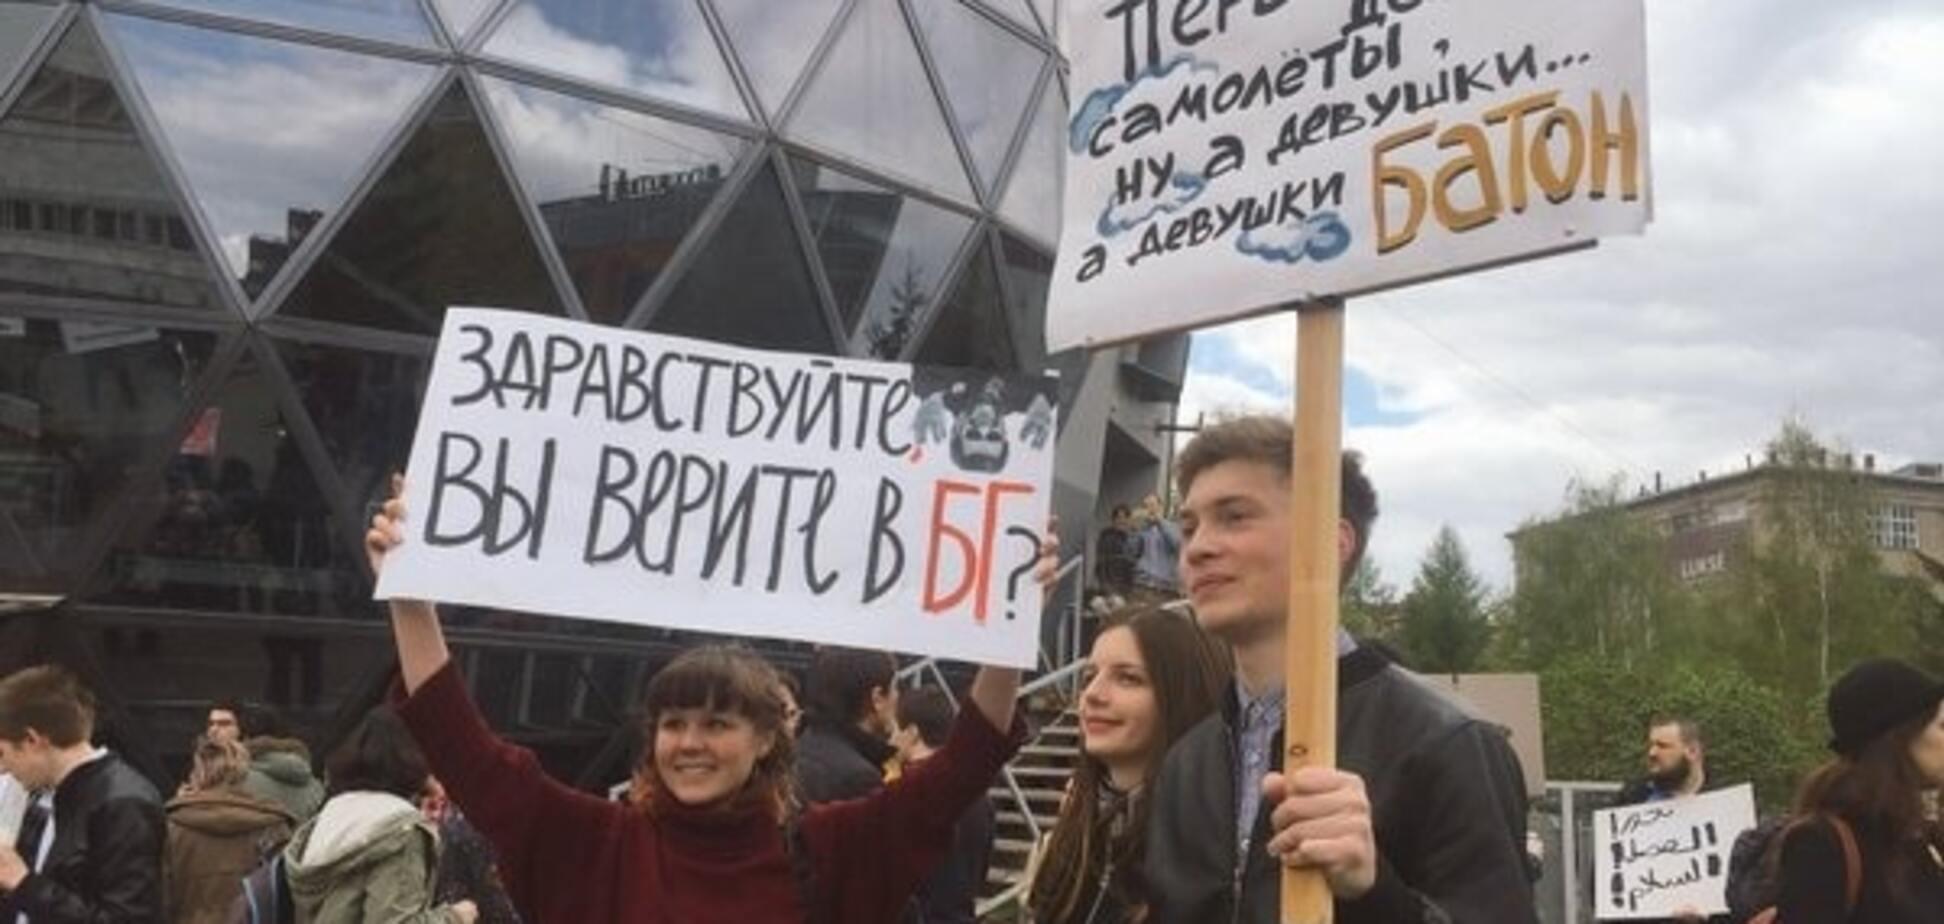 Скріпи вже не ті: у Росії почався марш 'Монстрація'